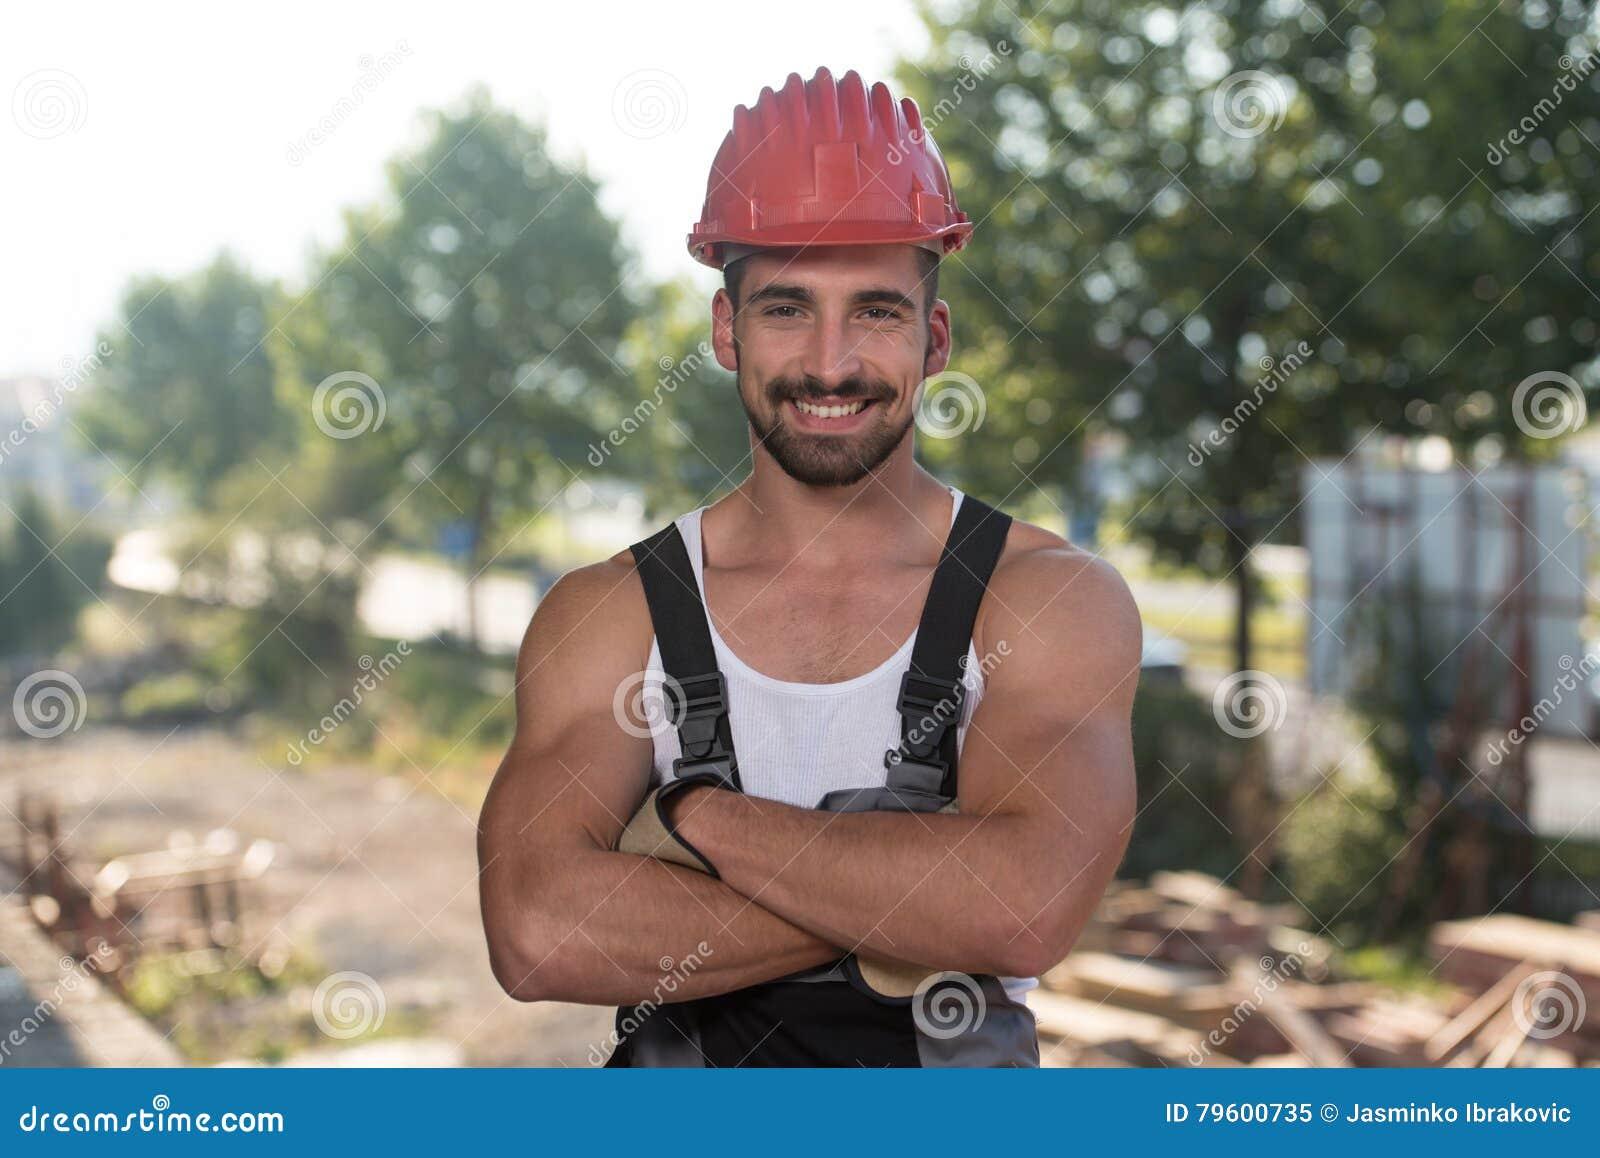 Retrato do trabalhador manual profissional de sorriso